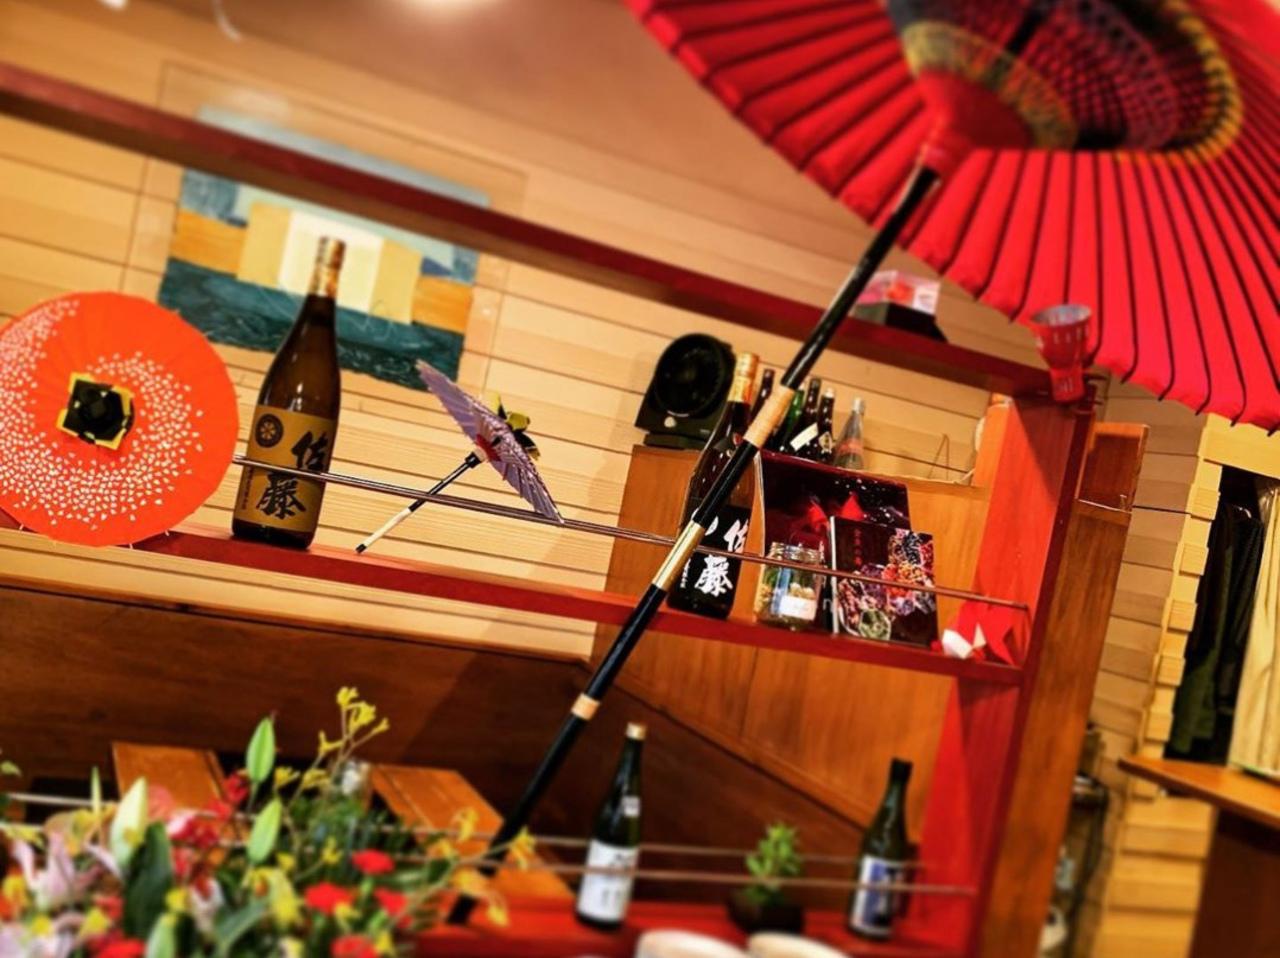 イタリアンから和食のお店に...神奈川県藤沢市藤沢に「モダン割烹 銀平」プレオープン